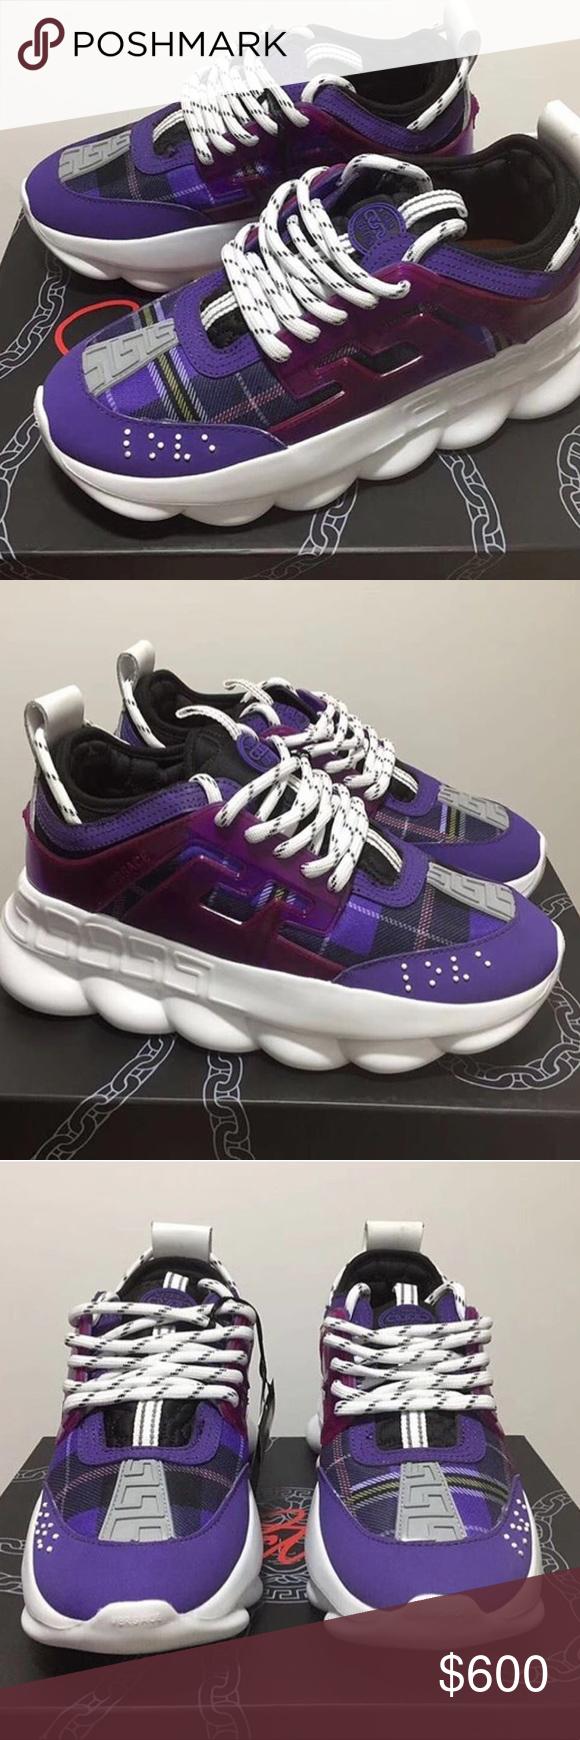 purple versace sneakers